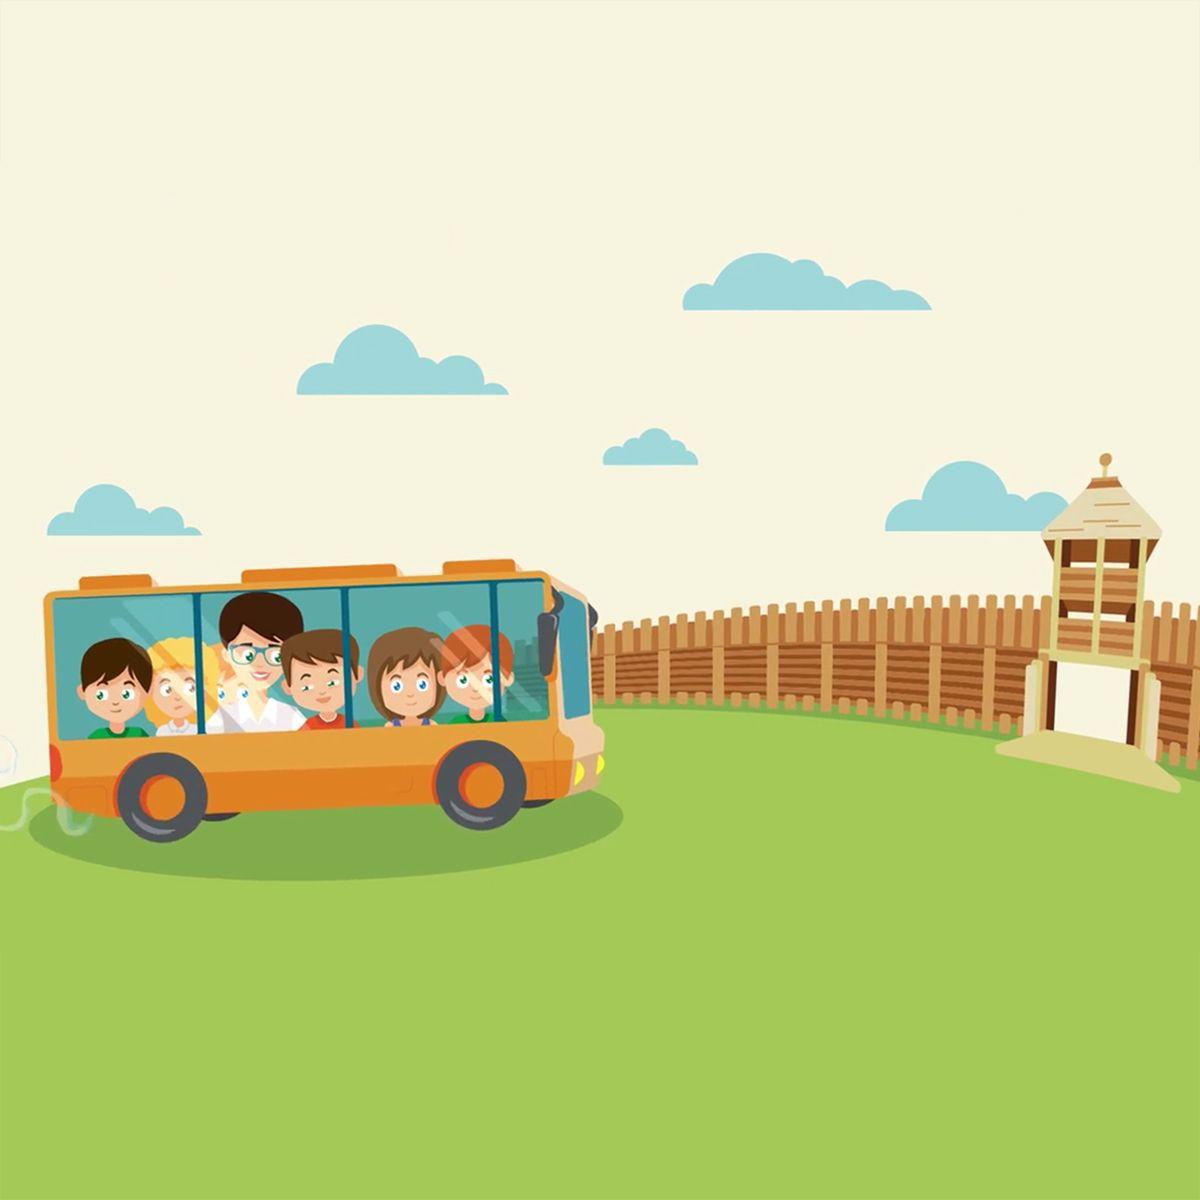 visualheads.pl #animation #ilustration #flat